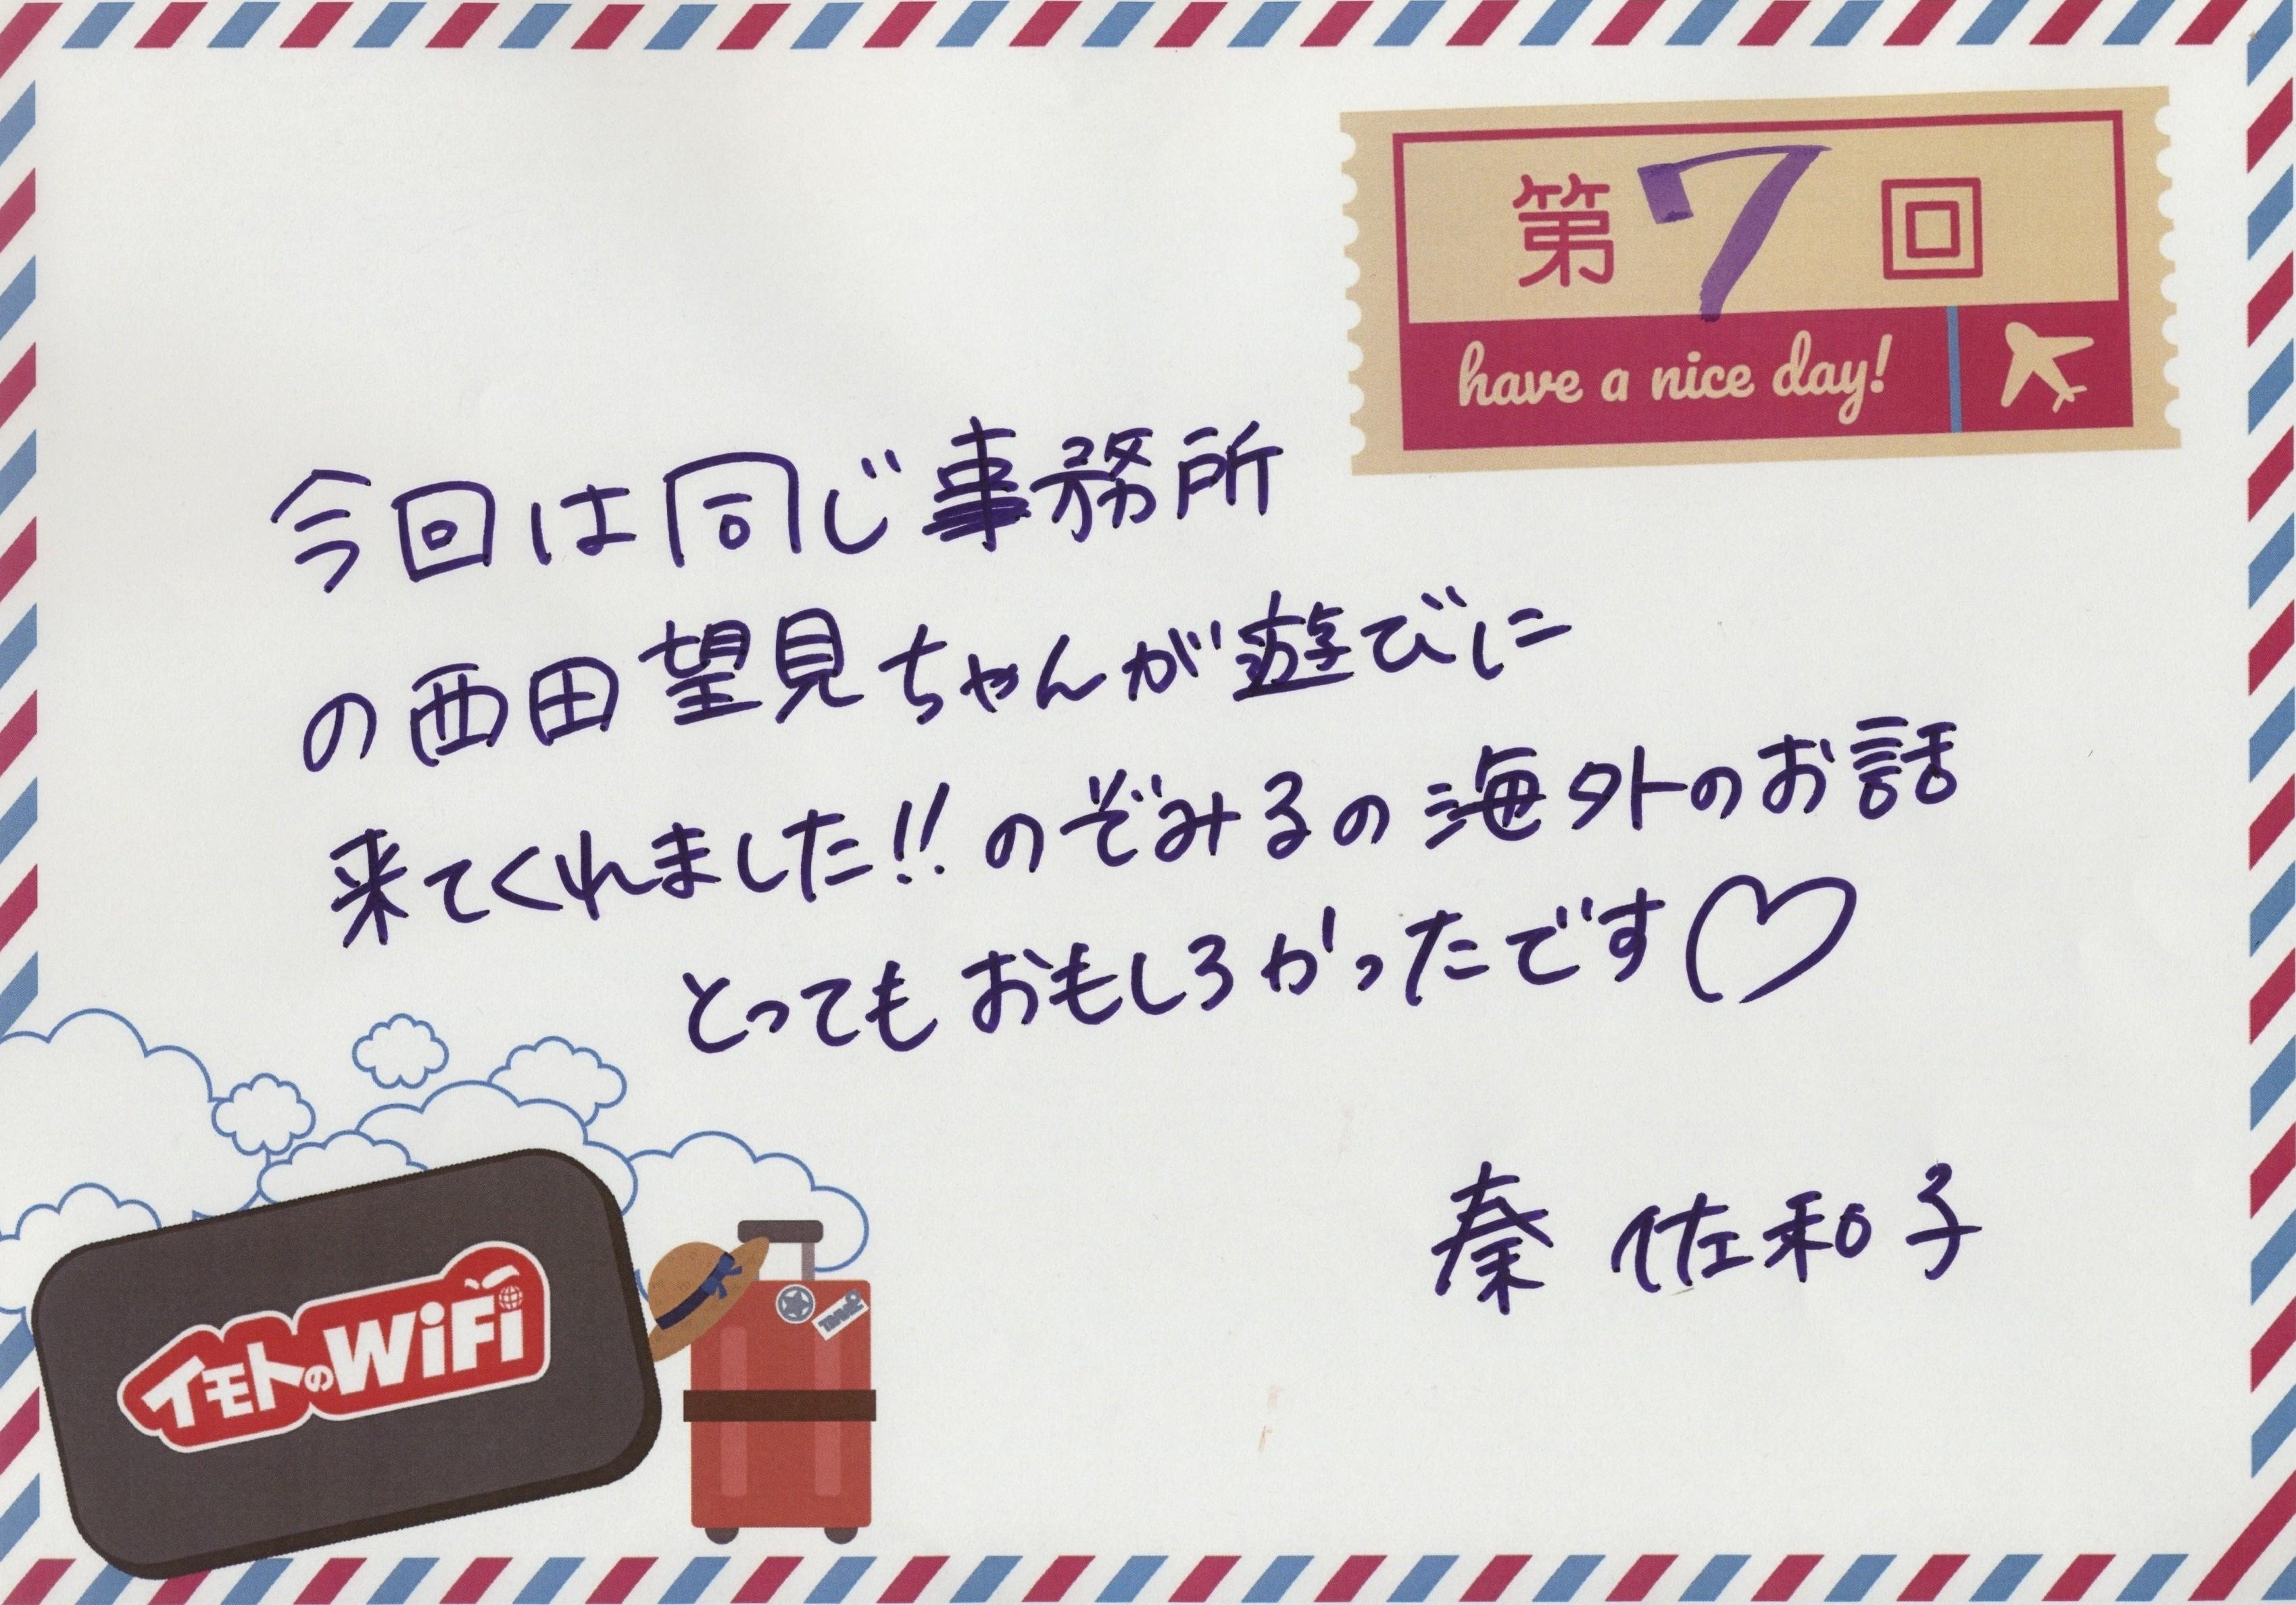 wifi07h.jpg